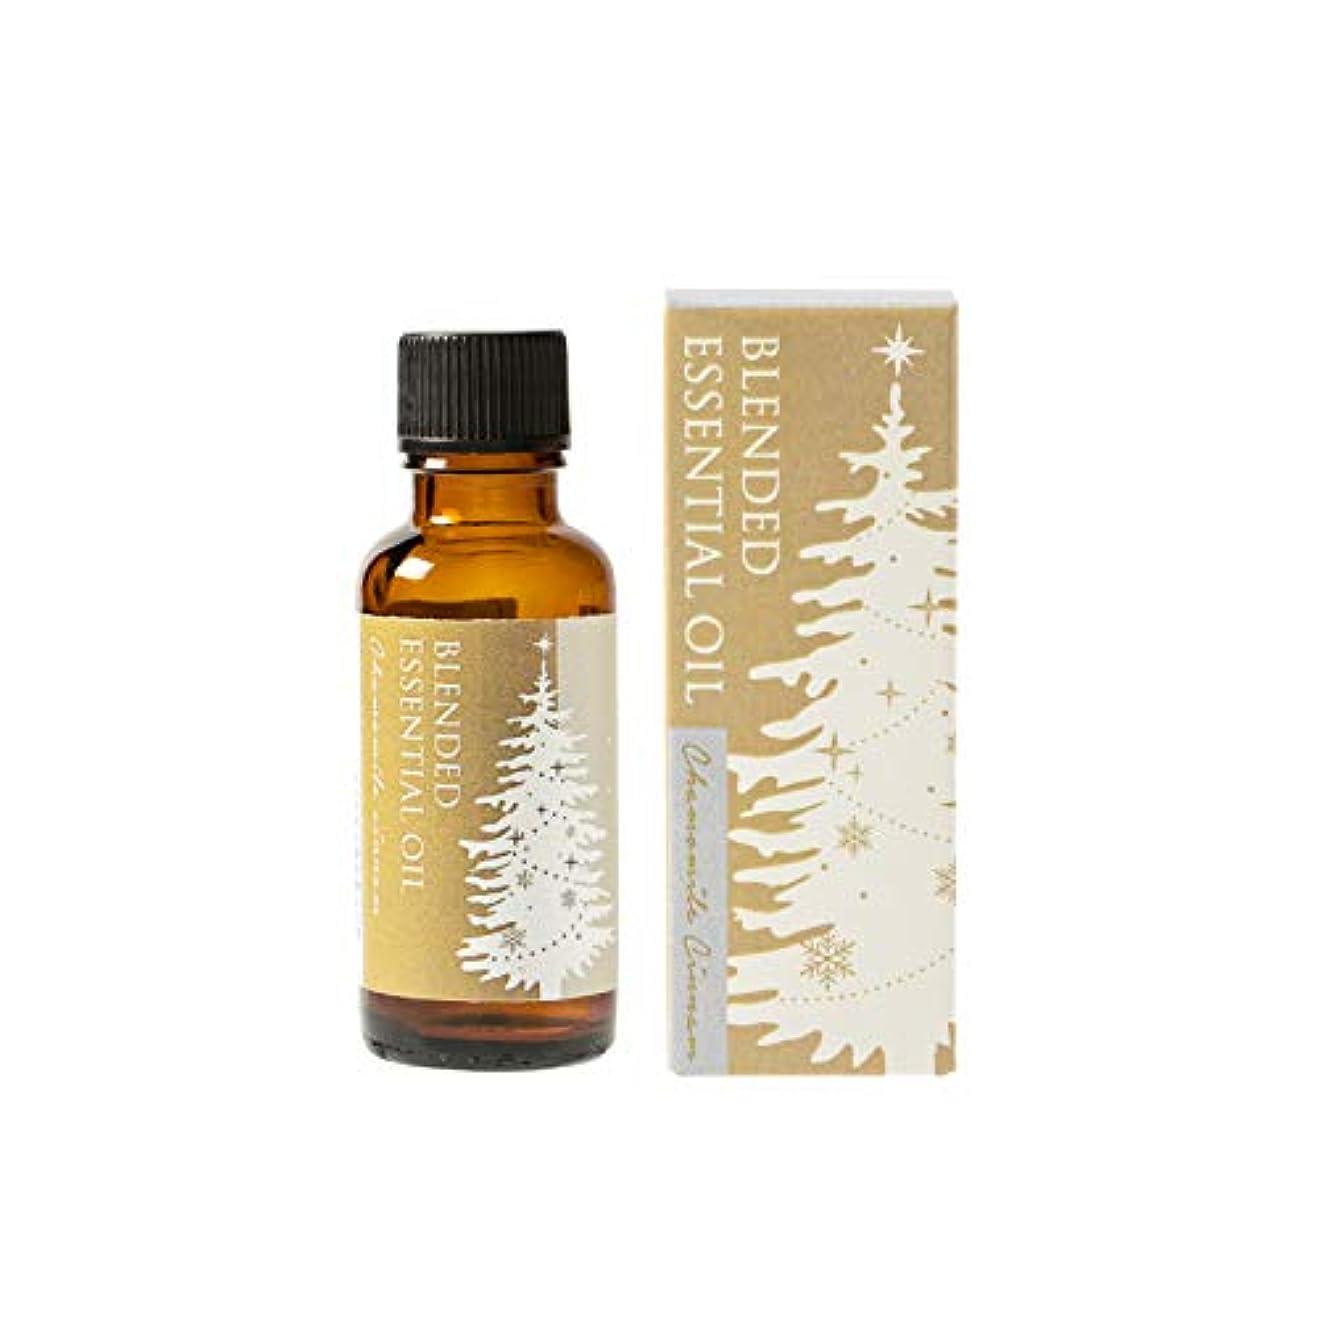 画面登録料理をする生活の木 ブレンド精油 カモマイルシナモン 30ml